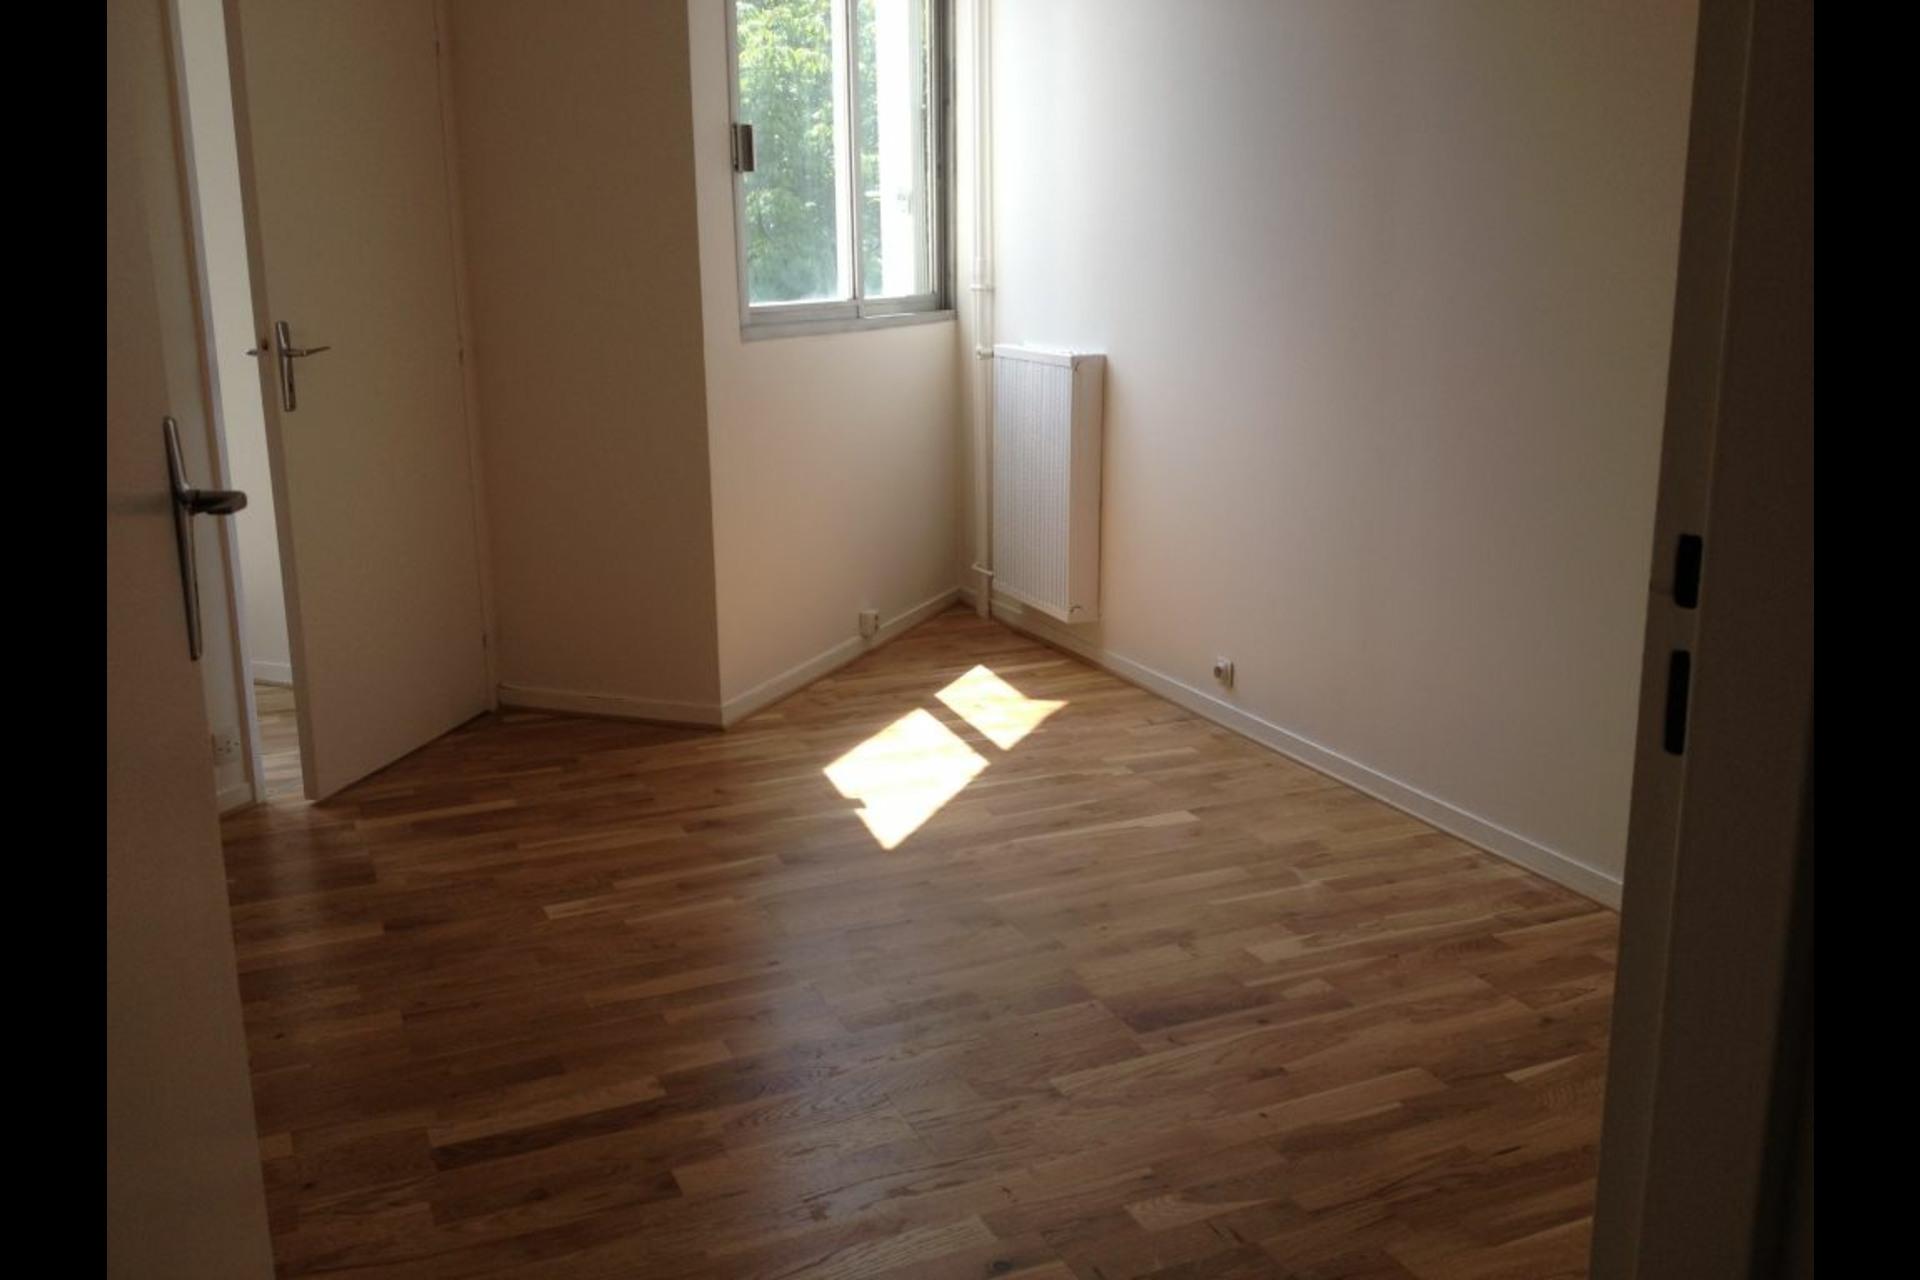 image 2 - Apartment For rent saint germain en laye - 3 rooms